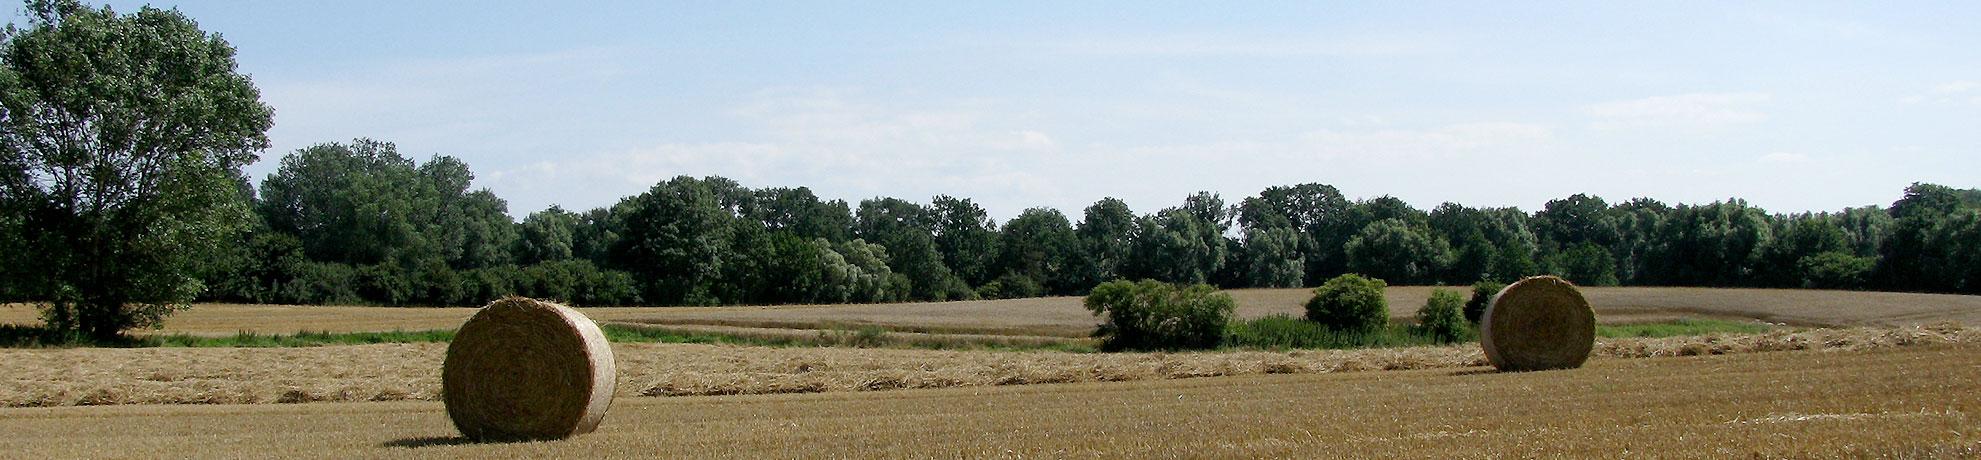 Für Den Garten Und Landschaftsbau Im Kreis Herzogtum Lauenburg